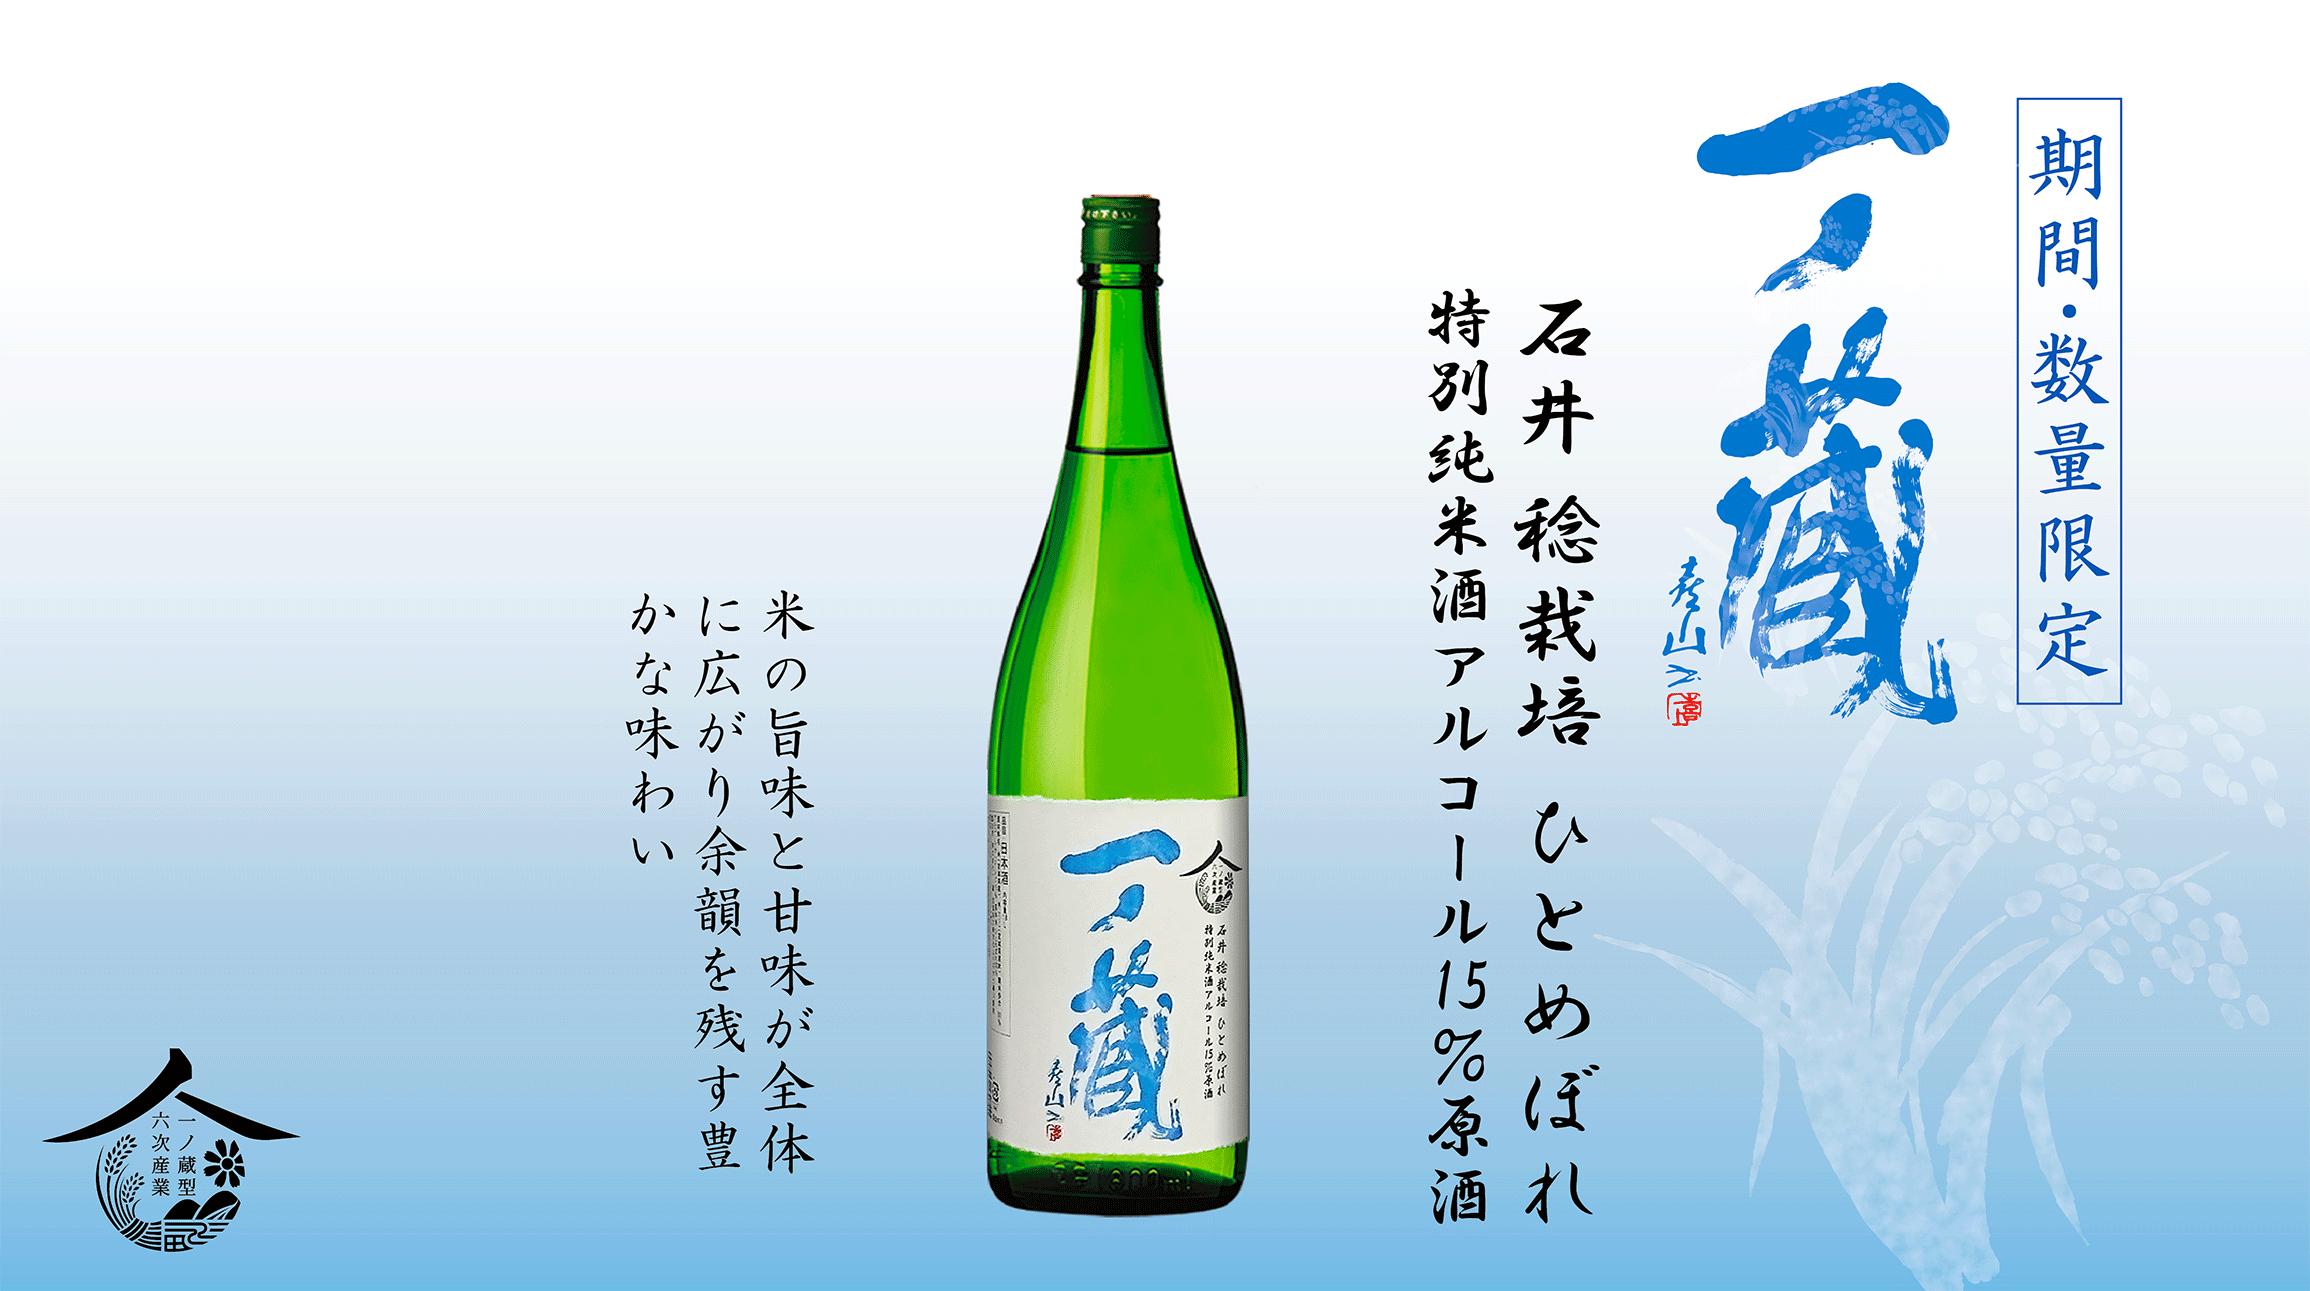 6月9日蔵元出荷開始「一ノ蔵 特別純米酒 アルコール15%原酒」